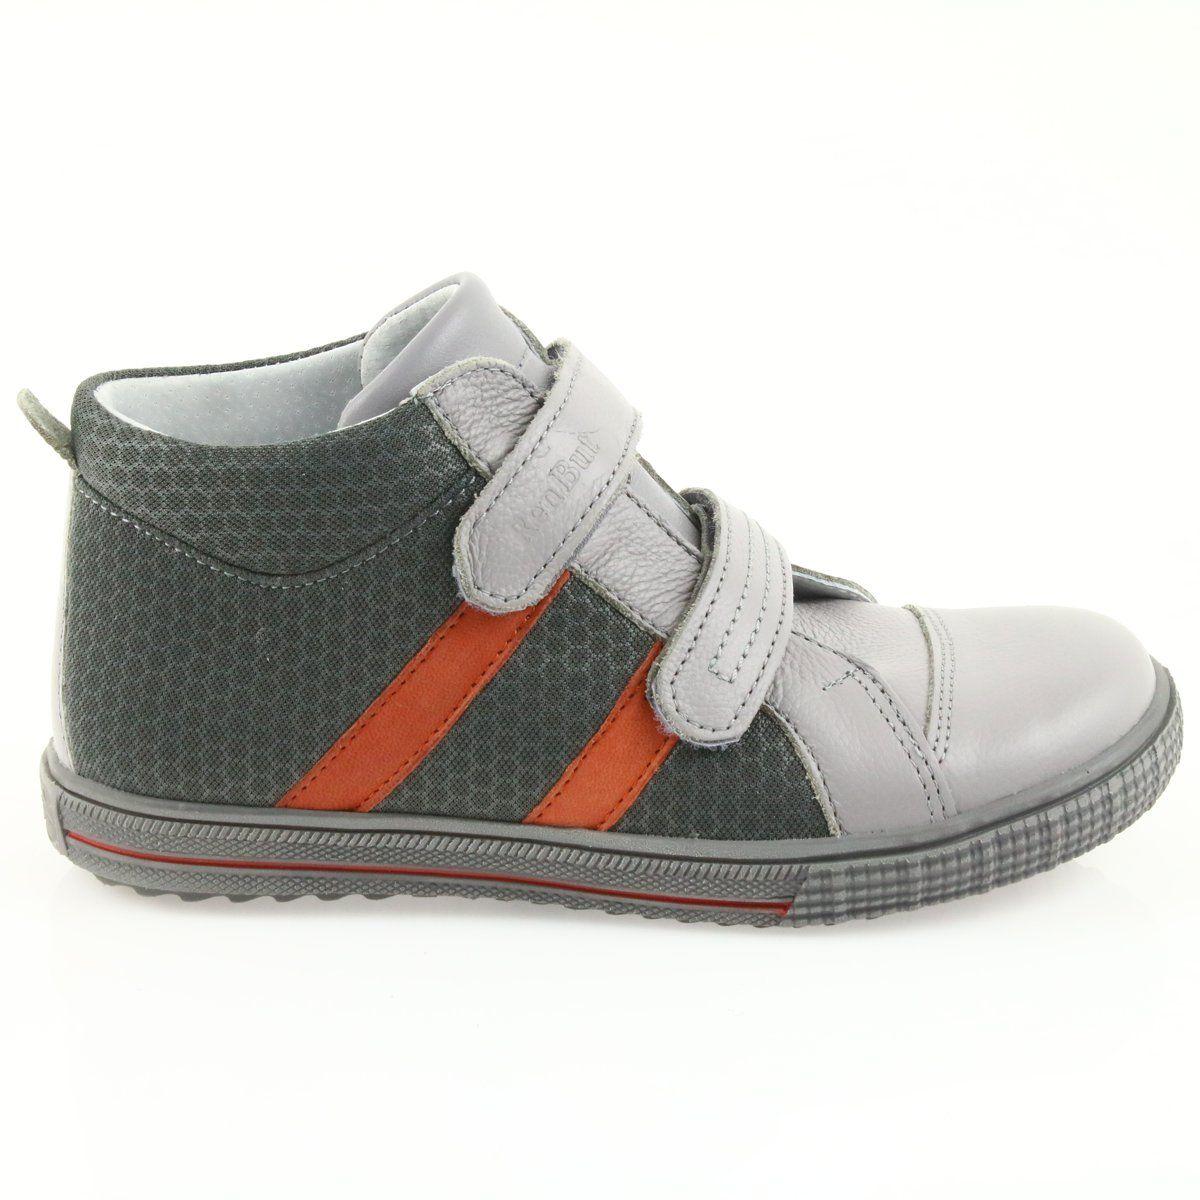 Trzewiki Buty Dzieciece Na Rzepy Ren But 4275 Popiel Pomarancz Pomaranczowe Szare Childrens Boots Childrens Shoes Childrens Shoes Boys